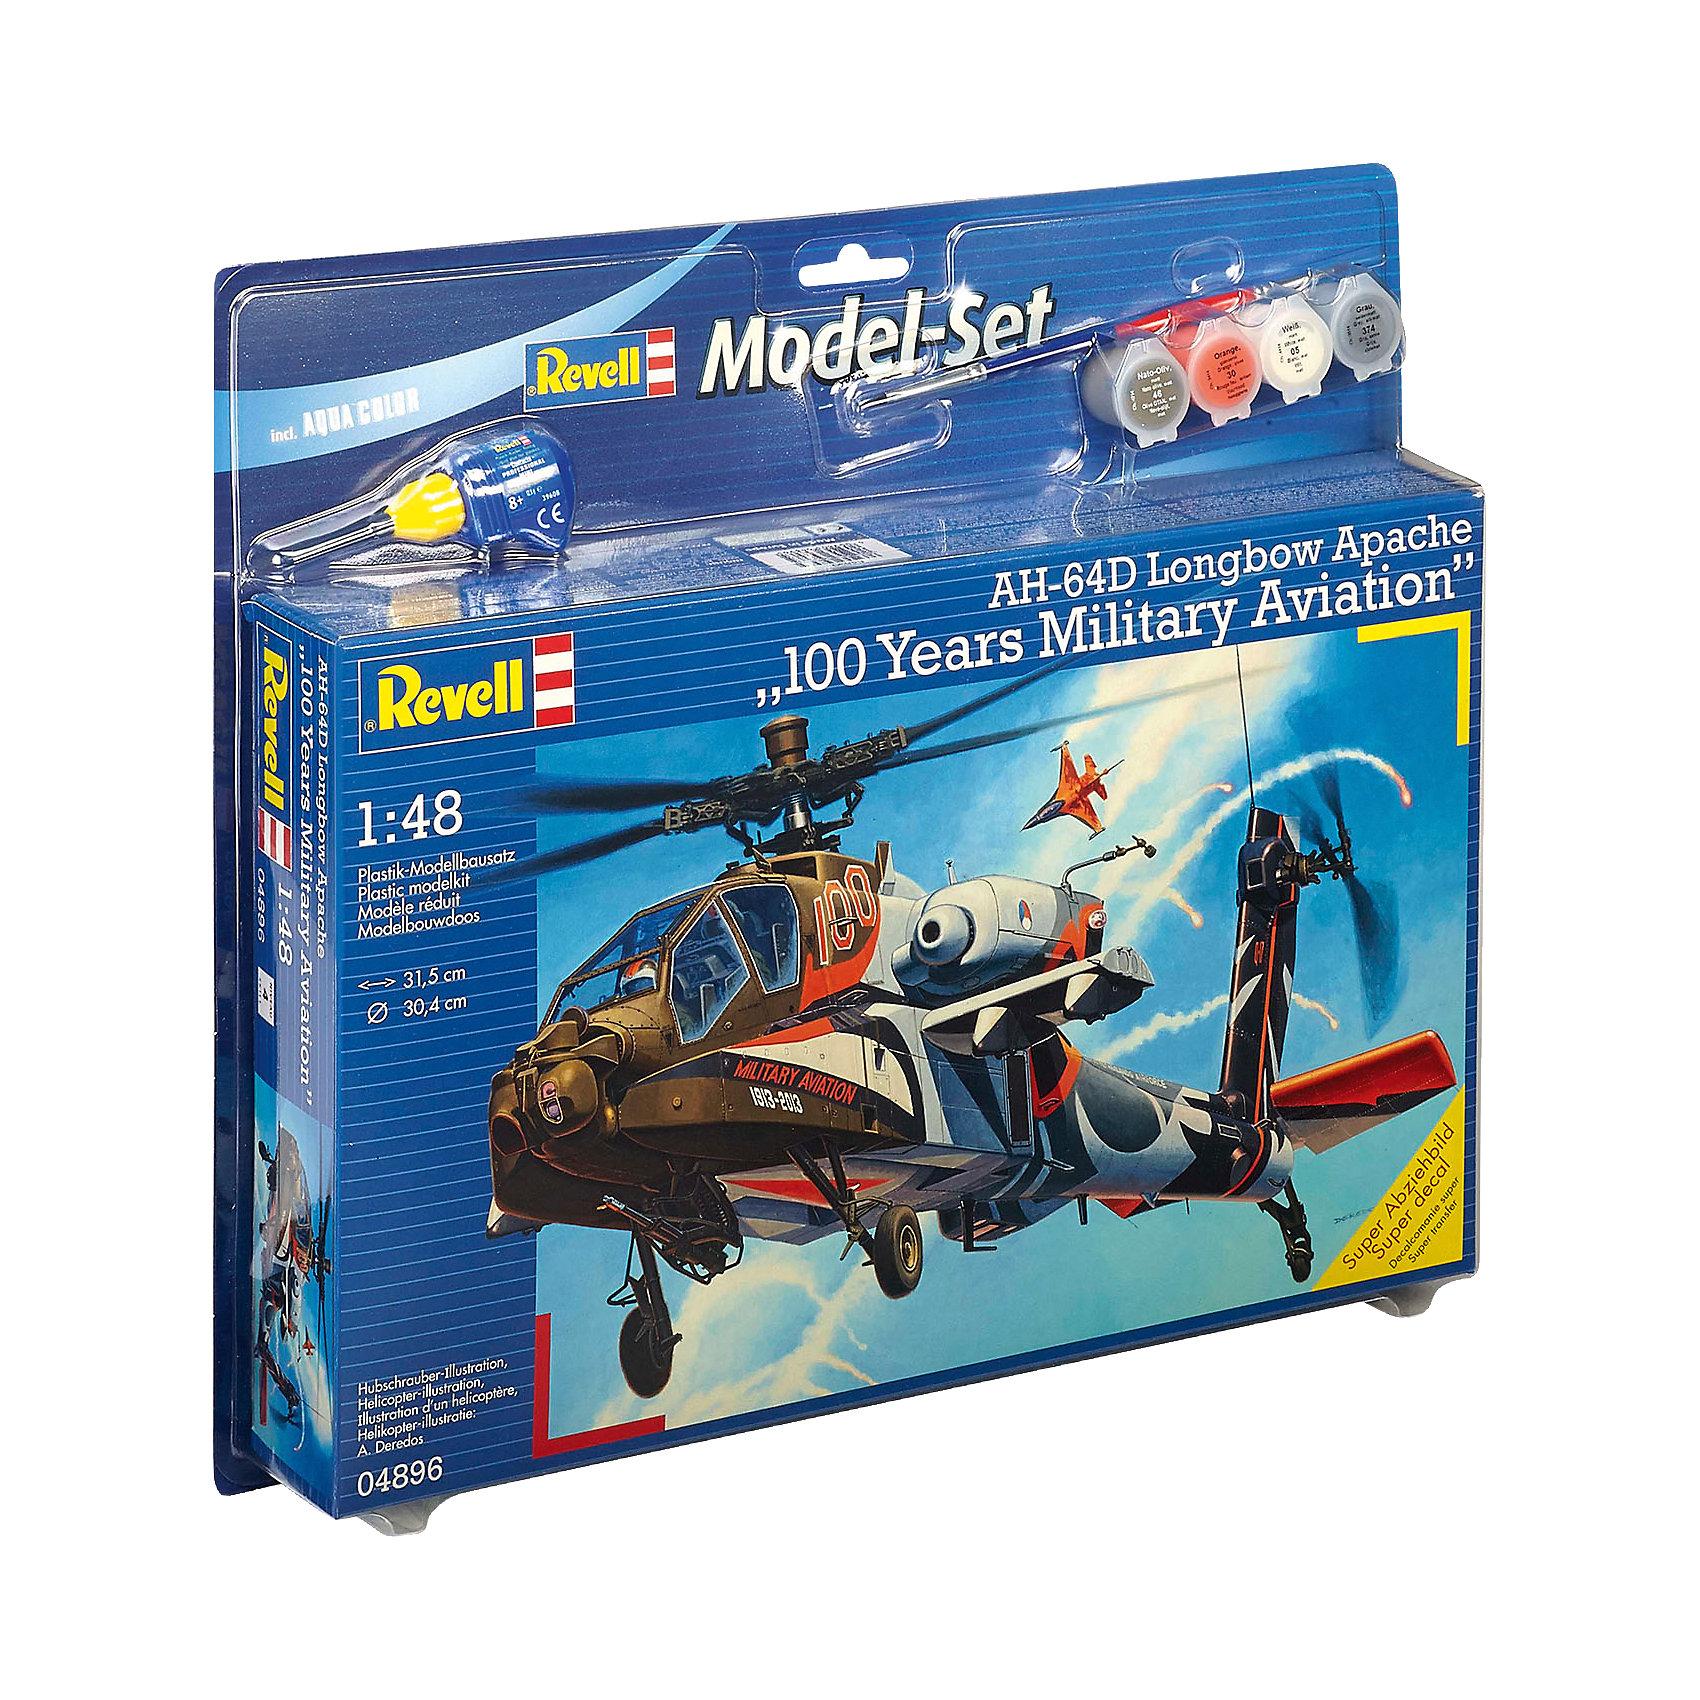 Ударный вертолет Apache 100-Mil, RevellСборные модели транспорта<br>Ударный вертолет Apache 100-Mil, Revell (Ревелл) –  максимально детализированная модель станет украшением комнаты и дополнением коллекции.<br>Голландский ударный вертолёт AH-64D Apache 100-Mil является одним из передовых универсальных и хорошо вооружённых боевых вертолётов в мире. Тщательно проработанная сборная модель голландского вертолёта AH-64D Apache 100-Mil от немецкой компании Revell (Ревелл) представляет собой абсолютно точную уменьшенную копию своего прототипа. Кабина пилота с приборной панелью и рычагом управления аккуратно детализированы, а для большей достоверности в кабине добавлены две фигурки лётчиков в оригинальной форме военно-воздушных сил Нидерландов. Фюзеляж вертолёта имеет фактурную поверхность. Также у знаменитого боевого авиа судна вращаются хвостовой и несущий винты. Всего модель состоит из 136 деталей, которые необходимо собрать, склеить и покрыть краской в соответствии с инструкцией. В наборе прилагаются клей в удобной упаковке, краски, кисточка, а также уникальный набор наклеек, в который включены все декоративные элементы, специально разработанные для сольных показов вертолёта AH-64D Apache 100-Mil ко дню столетия военно-воздушных сил Нидерландов. Разработанная для детей от 10 лет, сборная модель голландского ударного вертолёта AH-64D Apache 100-Mil, несомненно, обрадует и взрослых поклонников моделирования и коллекционеров военной техники. Моделирование считается одним из наиболее полезных хобби, ведь оно развивает интеллектуальные и инструментальные способности, воображение и конструктивное мышление.<br><br>Дополнительная информация:<br><br>- Возраст: для детей старше 10-и лет<br>- В наборе: комплект пластиковых деталей для сборки модели, декаль (наклейки), набор красок, кисточка, клей, резиновые покрышки, схема для окрашивания модели, подробная инструкция<br>- Количество деталей: 136 шт.<br>- Масштаб: 1:48<br>- Длина модели: 315 мм.<br>- Размах лопастей: 304 мм.<br>- У